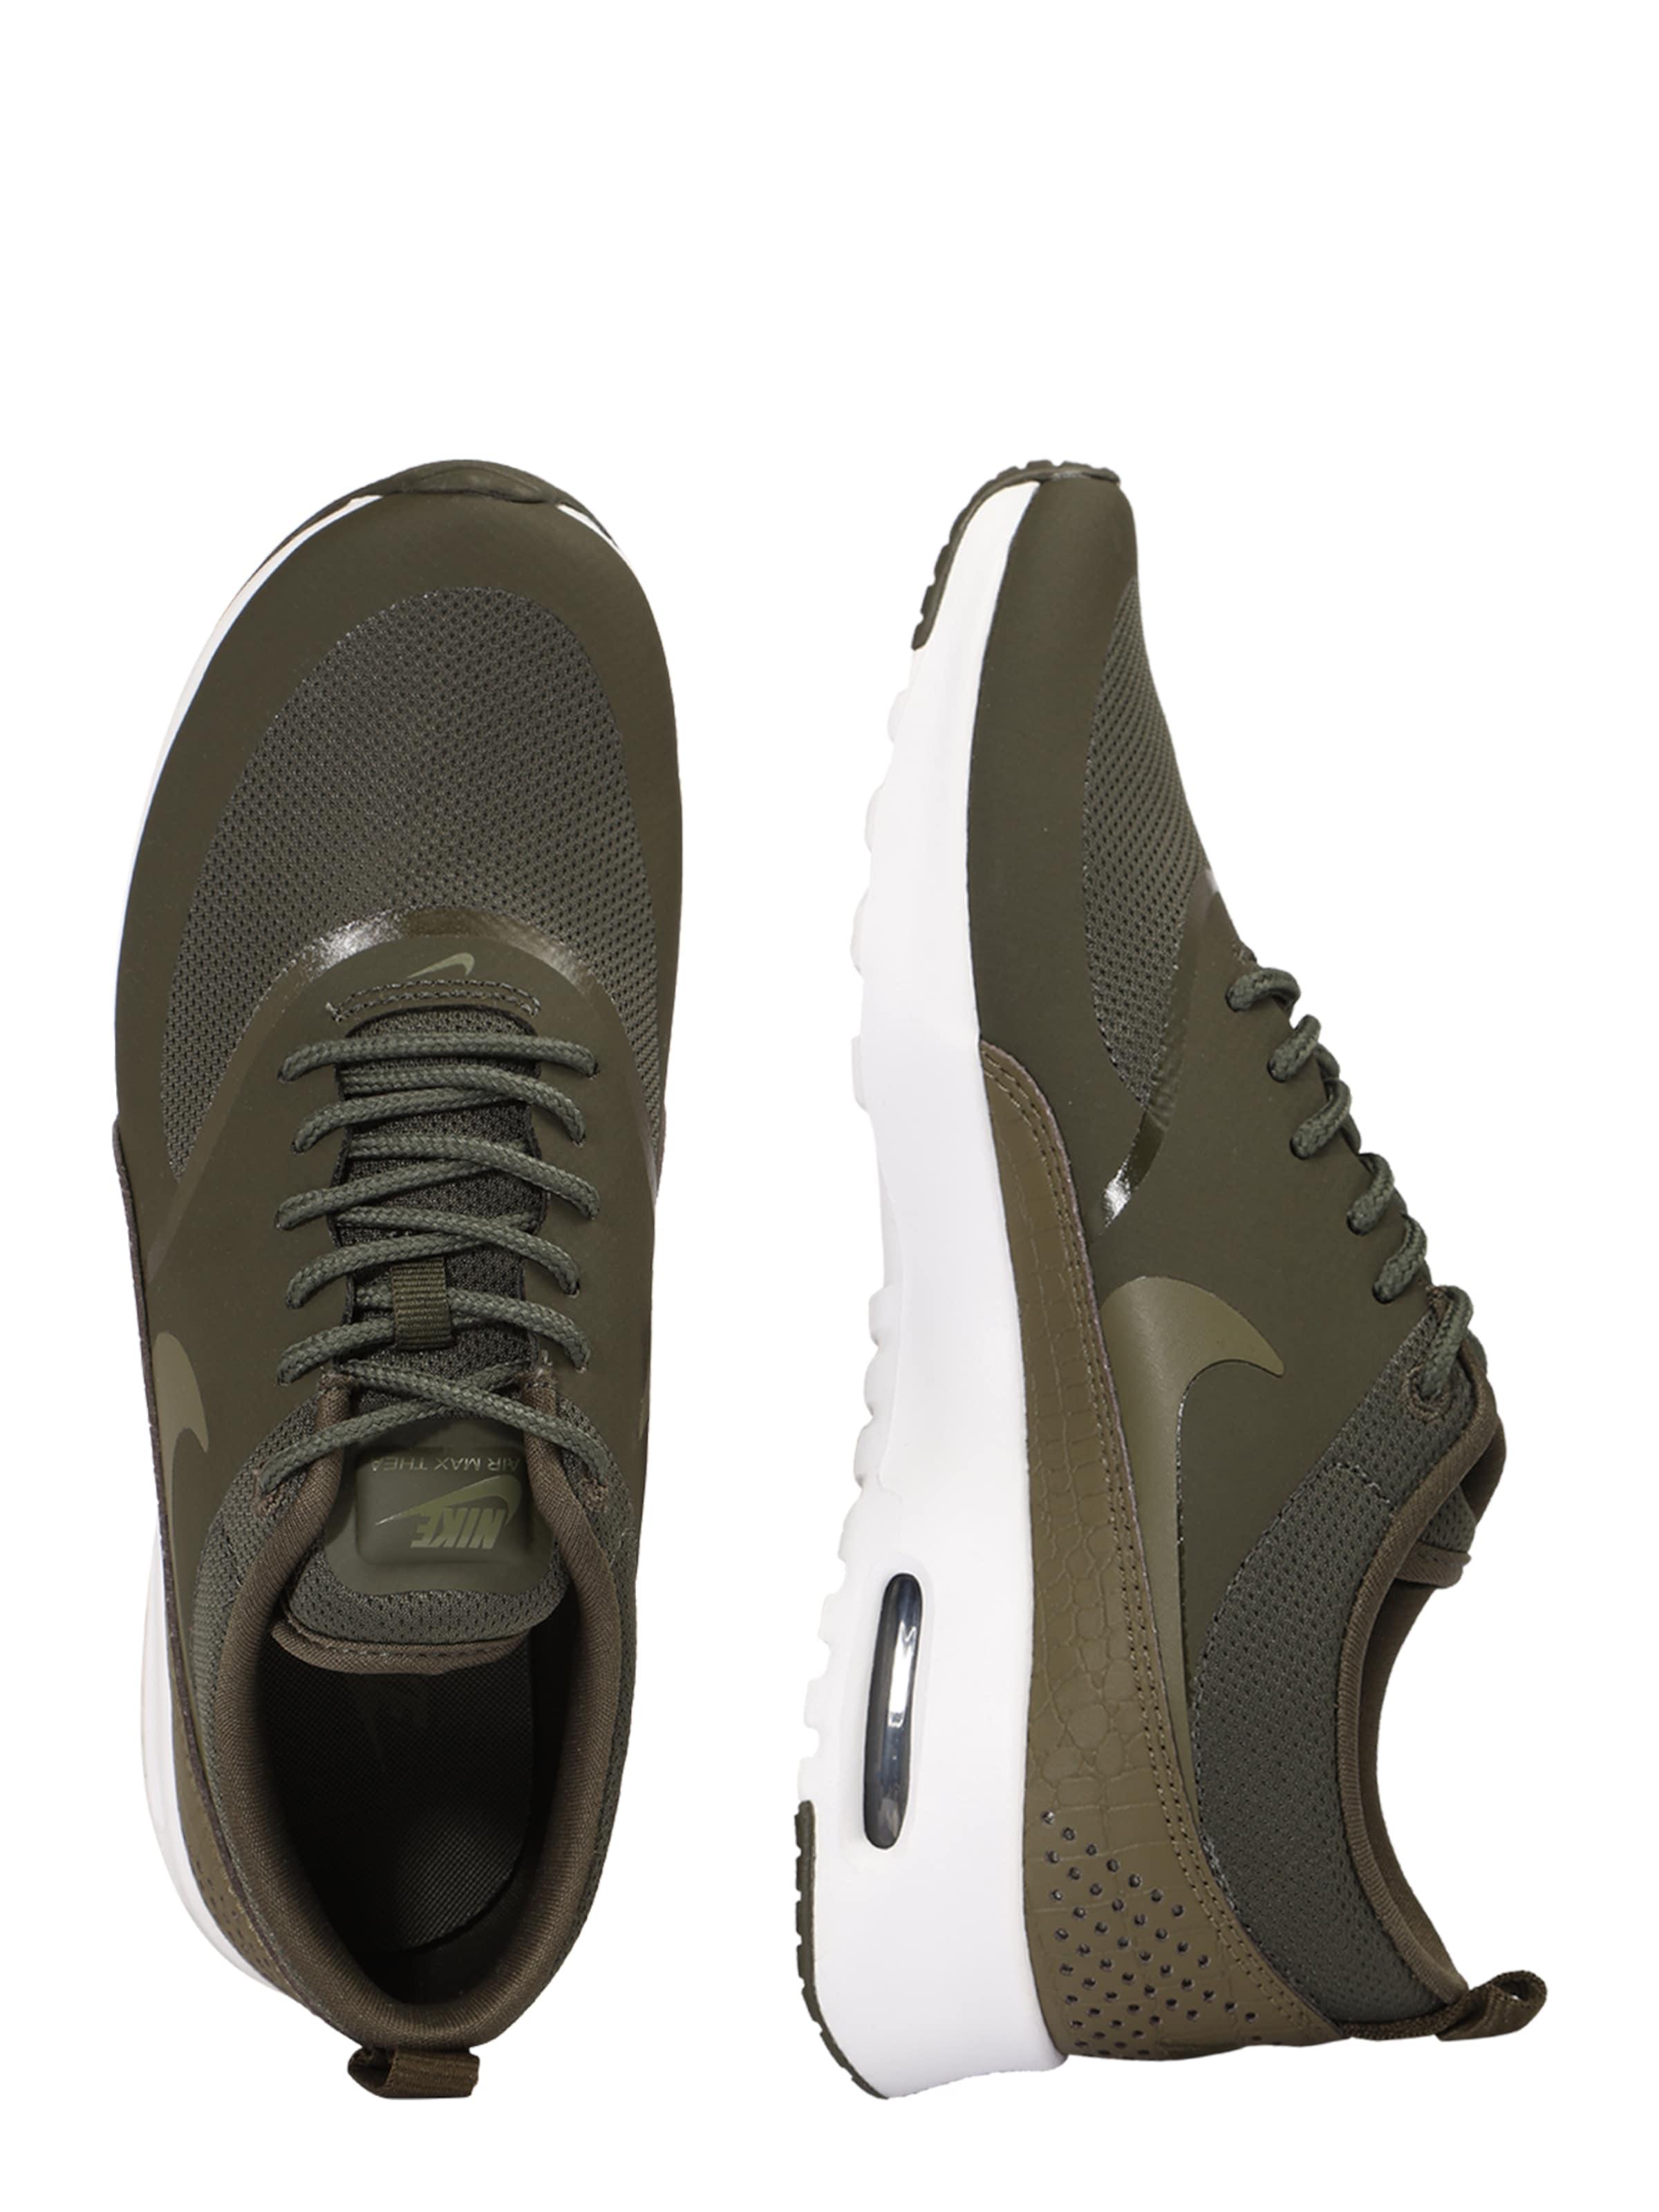 Wahl Zum Verkauf Nike Sportswear Sneaker Low 'Air Max Thea' Rabatt 2018 Neueste Billige Browse Größte Anbieter Online Exklusiver Günstiger Preis S8fNgnBA